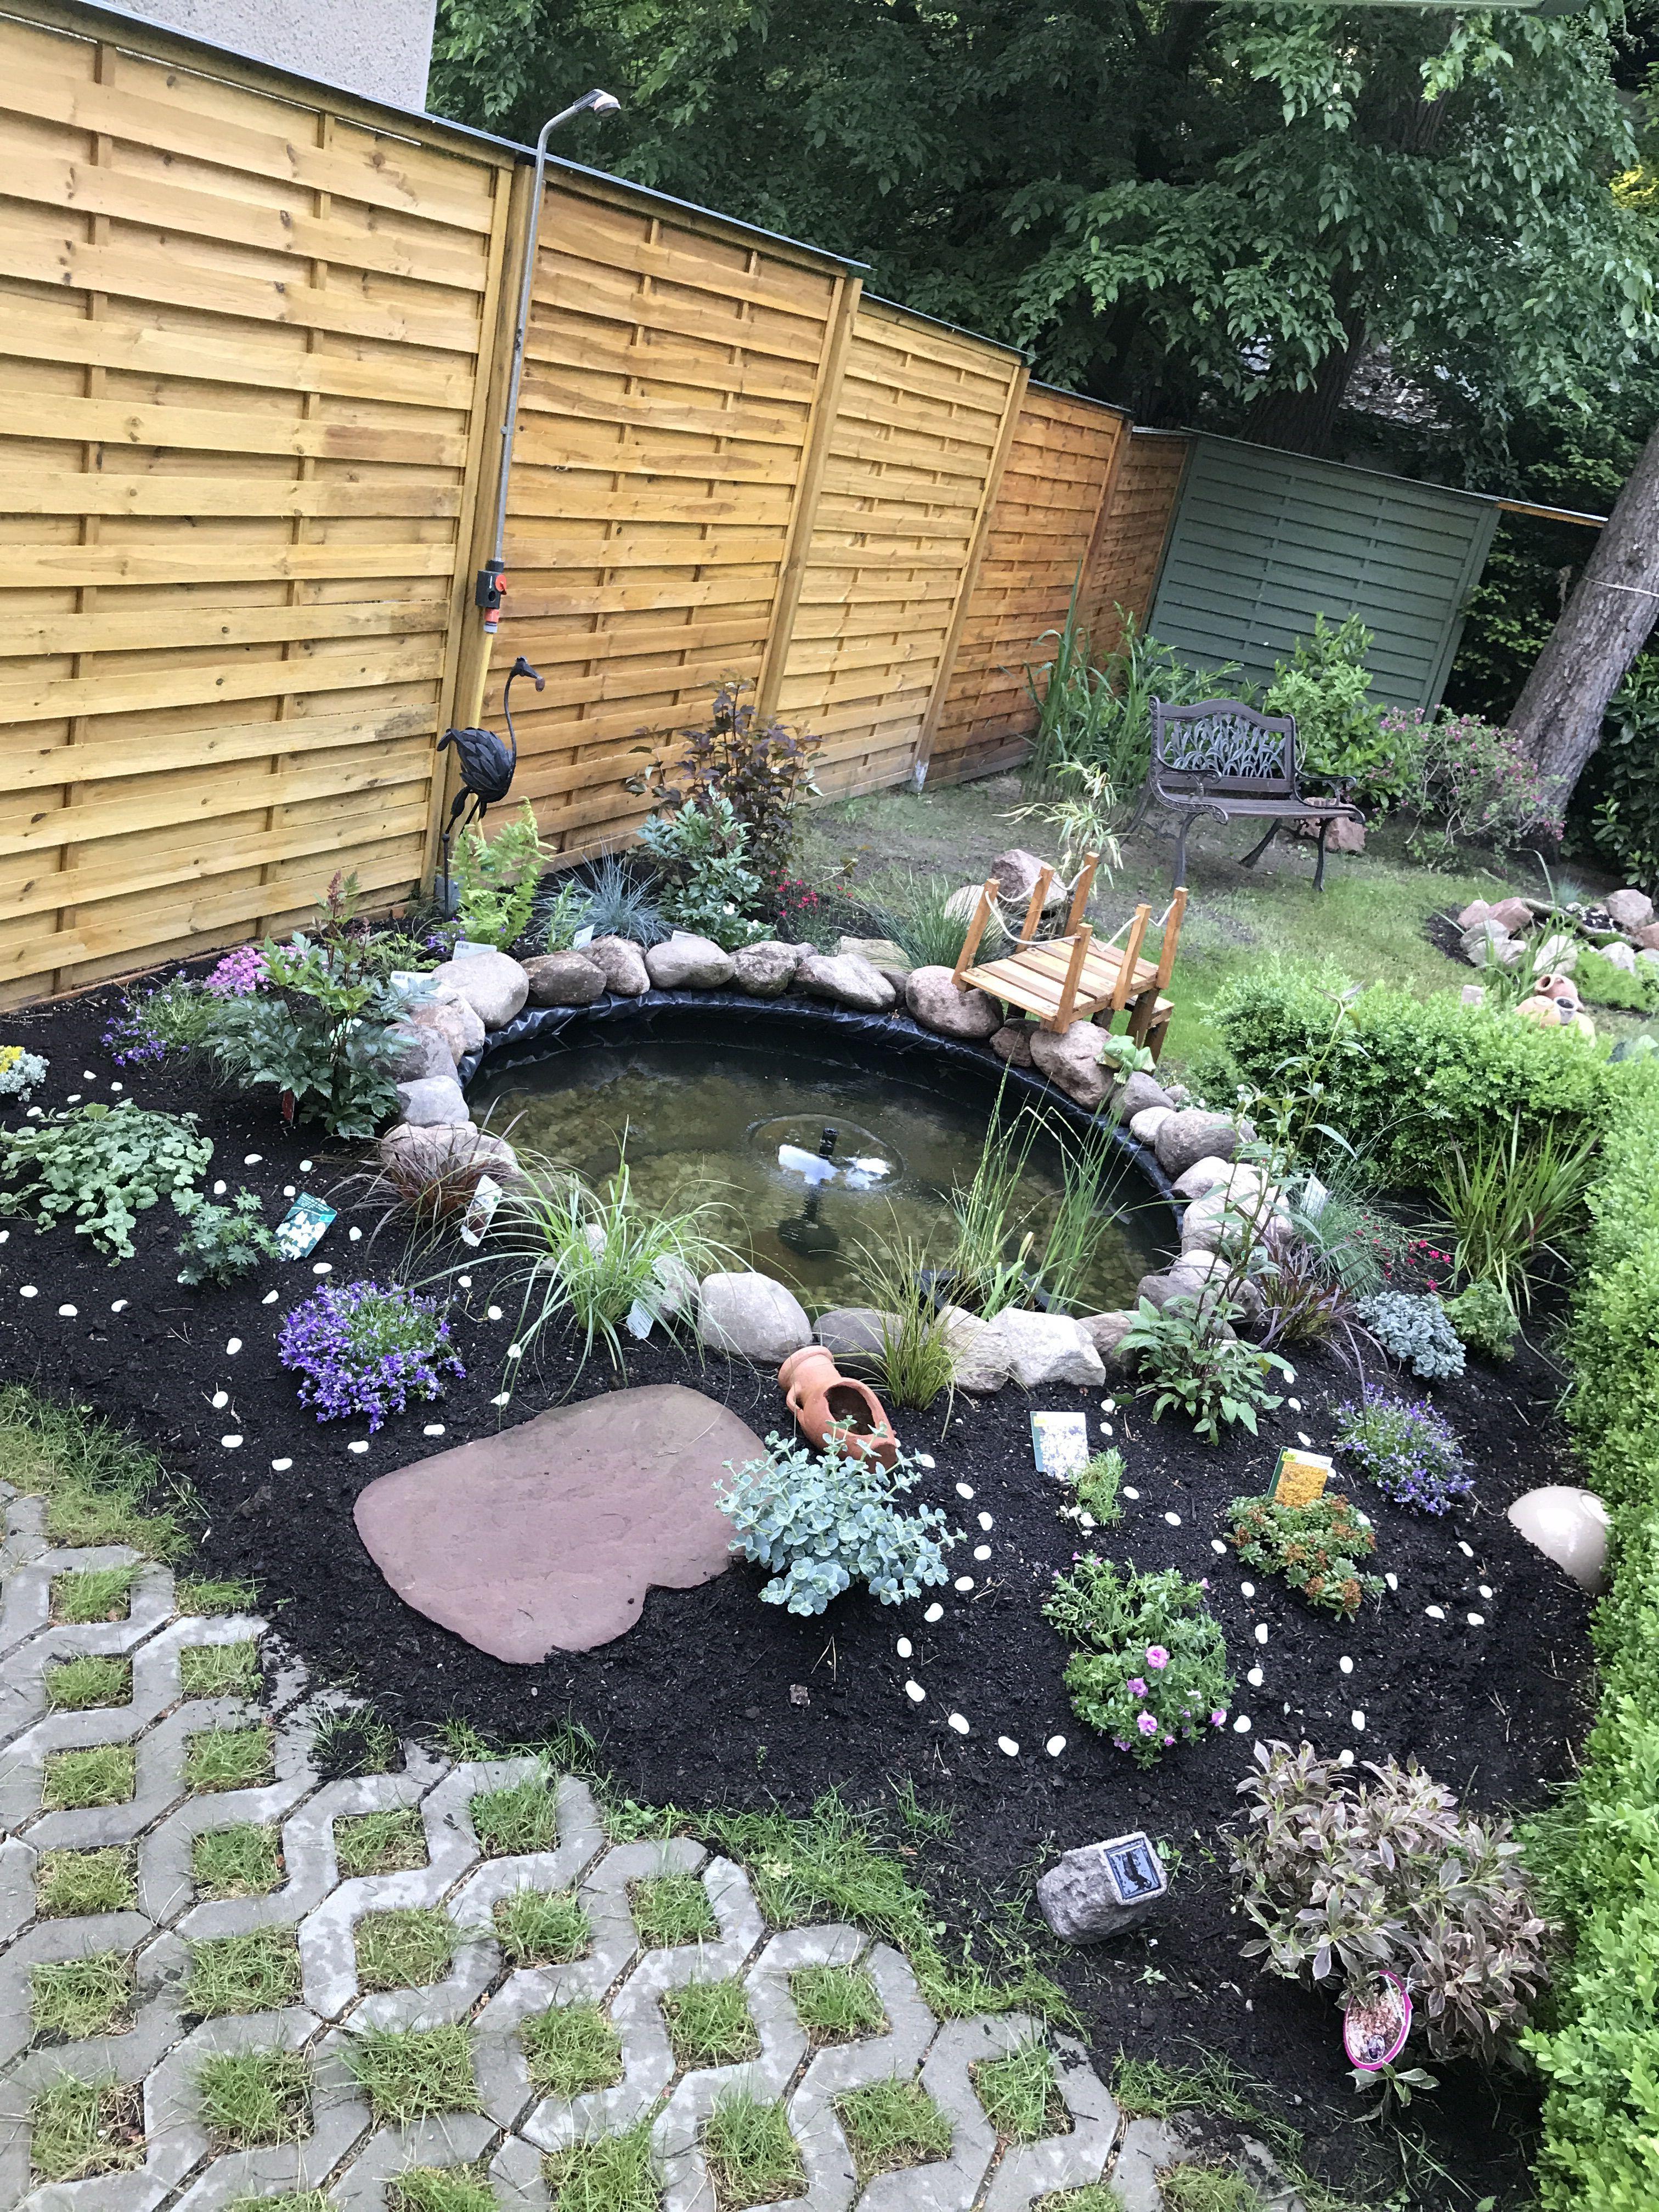 Teich Aus Traktorreifen Brunnen Garten Autoreifen Garten Pflegeleichter Garten